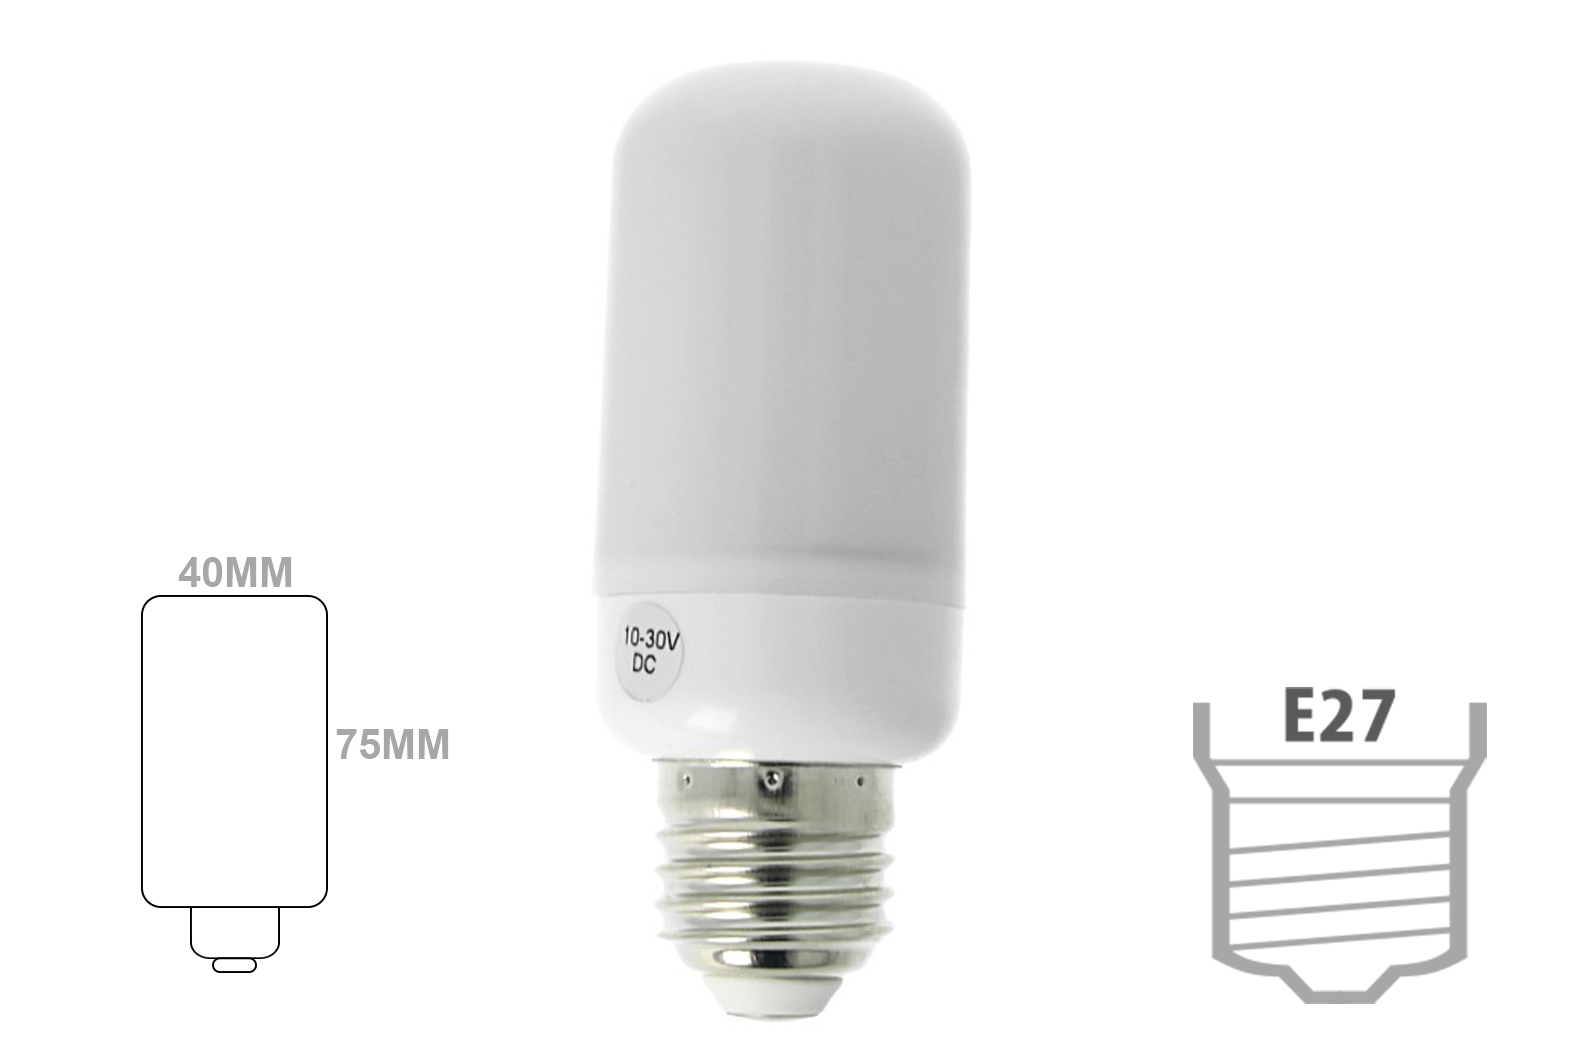 Lampada Led E27 DC 24V AC/DC 12V 8W Bianco Neutro Forma Mais Pannocchia - PZ